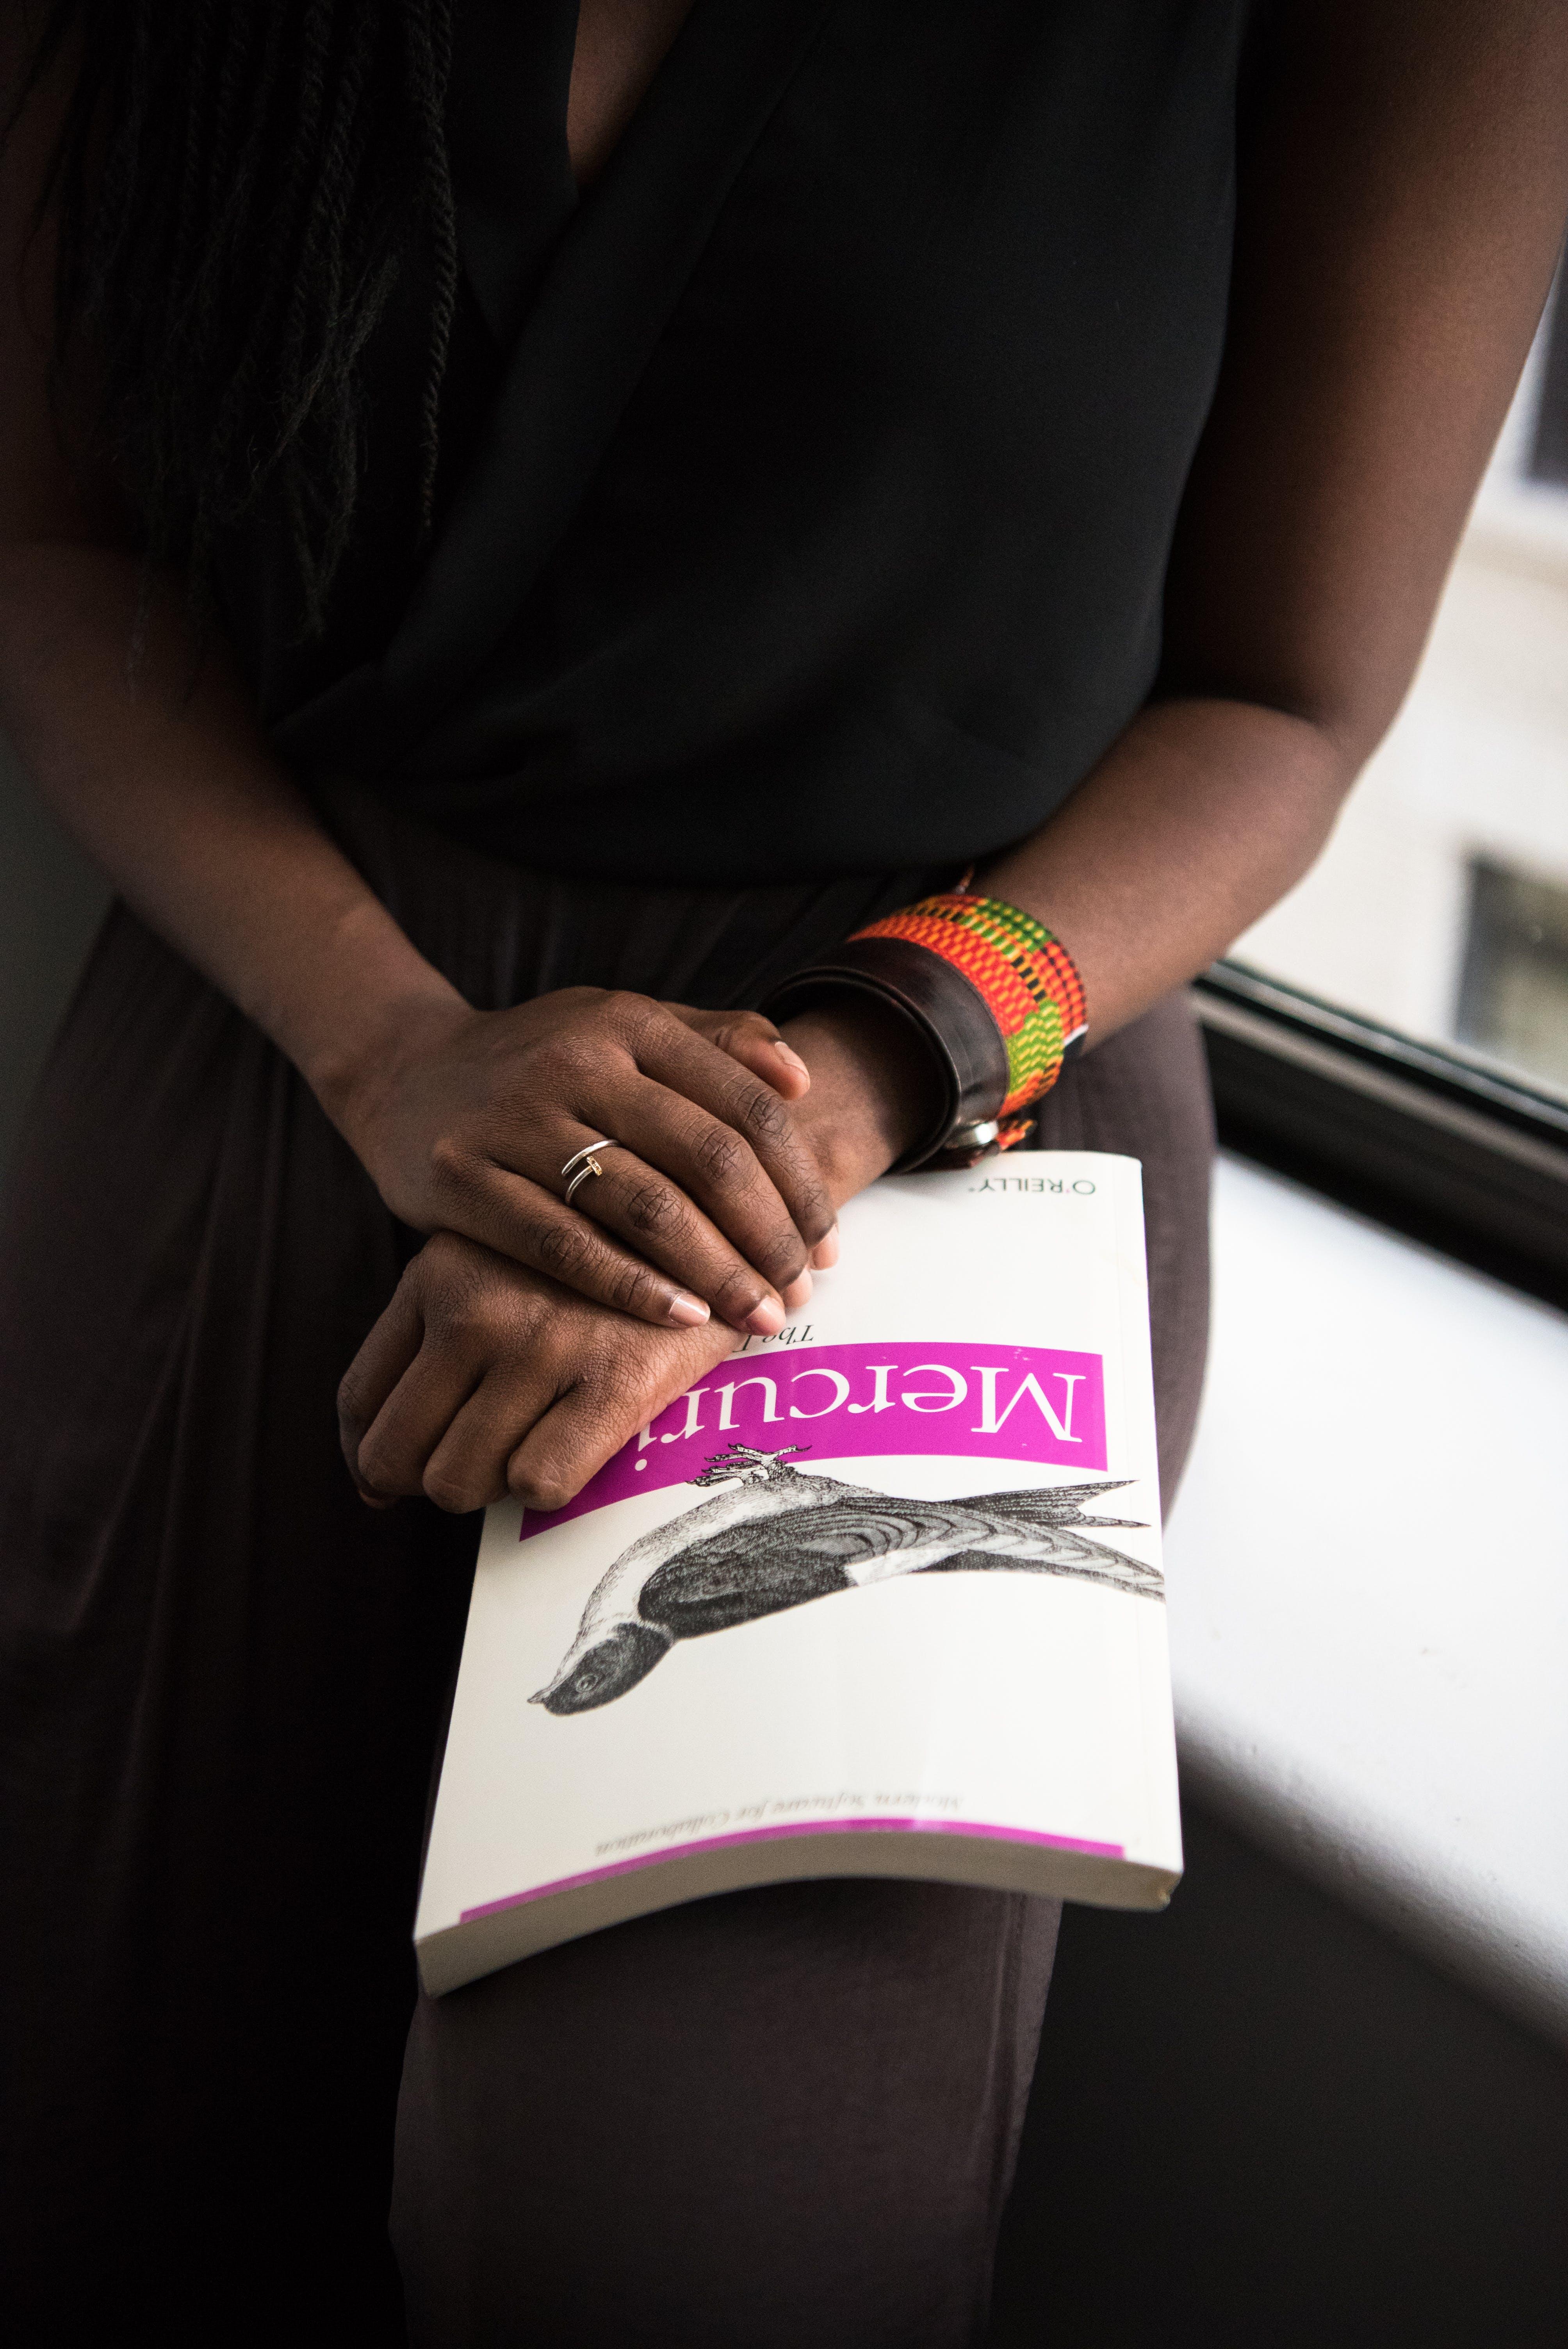 インドア, ファッション, リング, 人の無料の写真素材